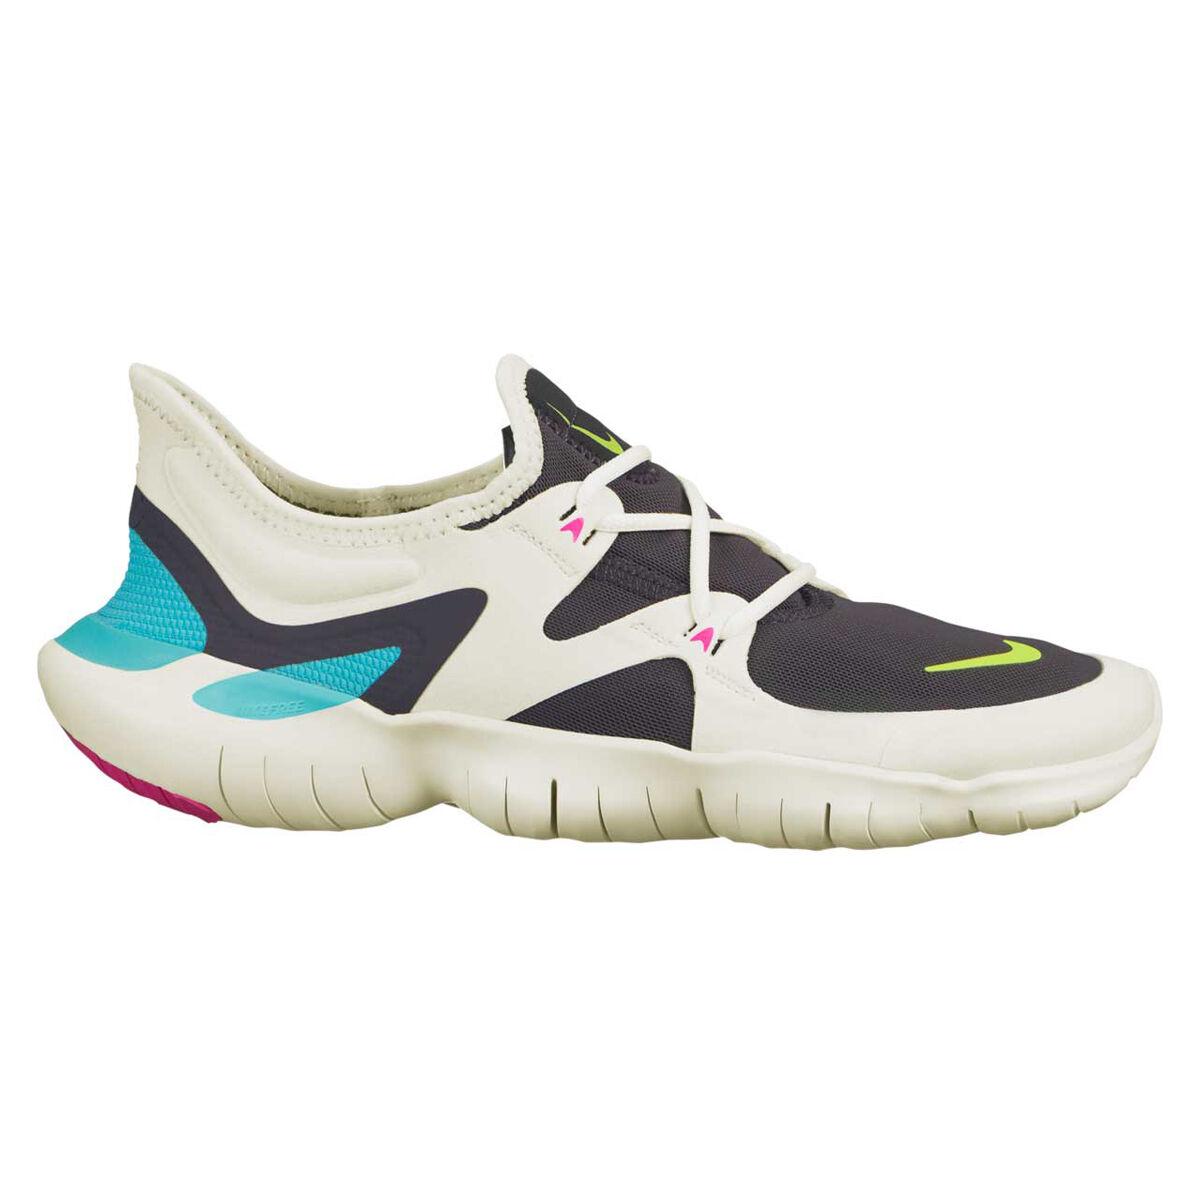 nike free 5.0 running shoe clothes cute bra333bde